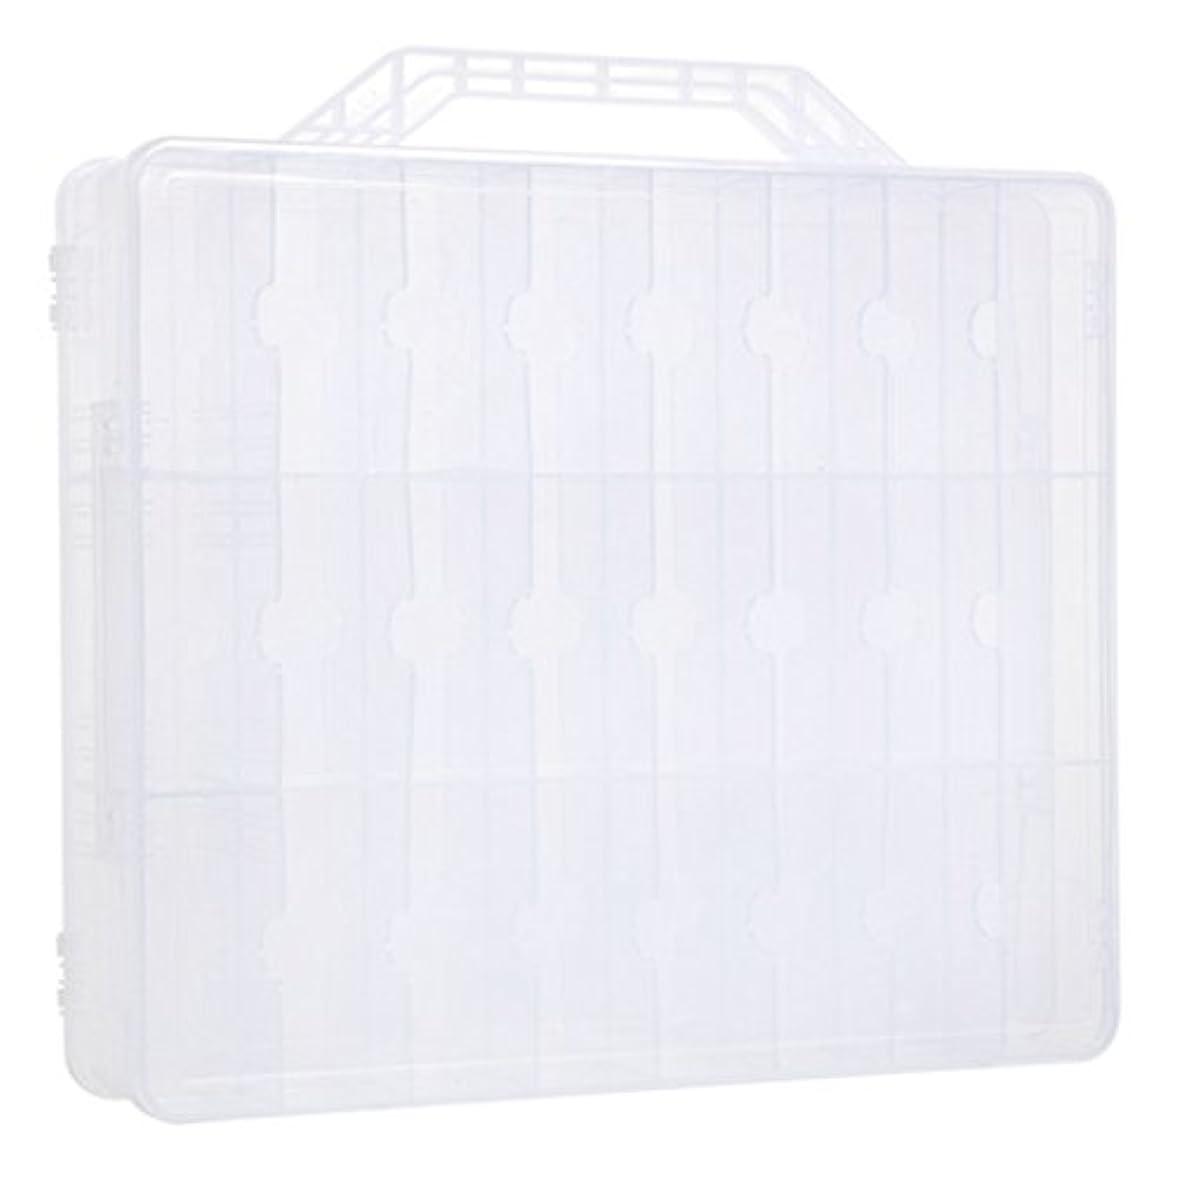 真夜中休み広げるKapmore ネイルカラー 収納ボックス ネイルポリッシュ マニキュアケース 48ボトル収納可能 透明 プラスチック 小物入れ ヘアバンド ヘアクリップ 持ち運び